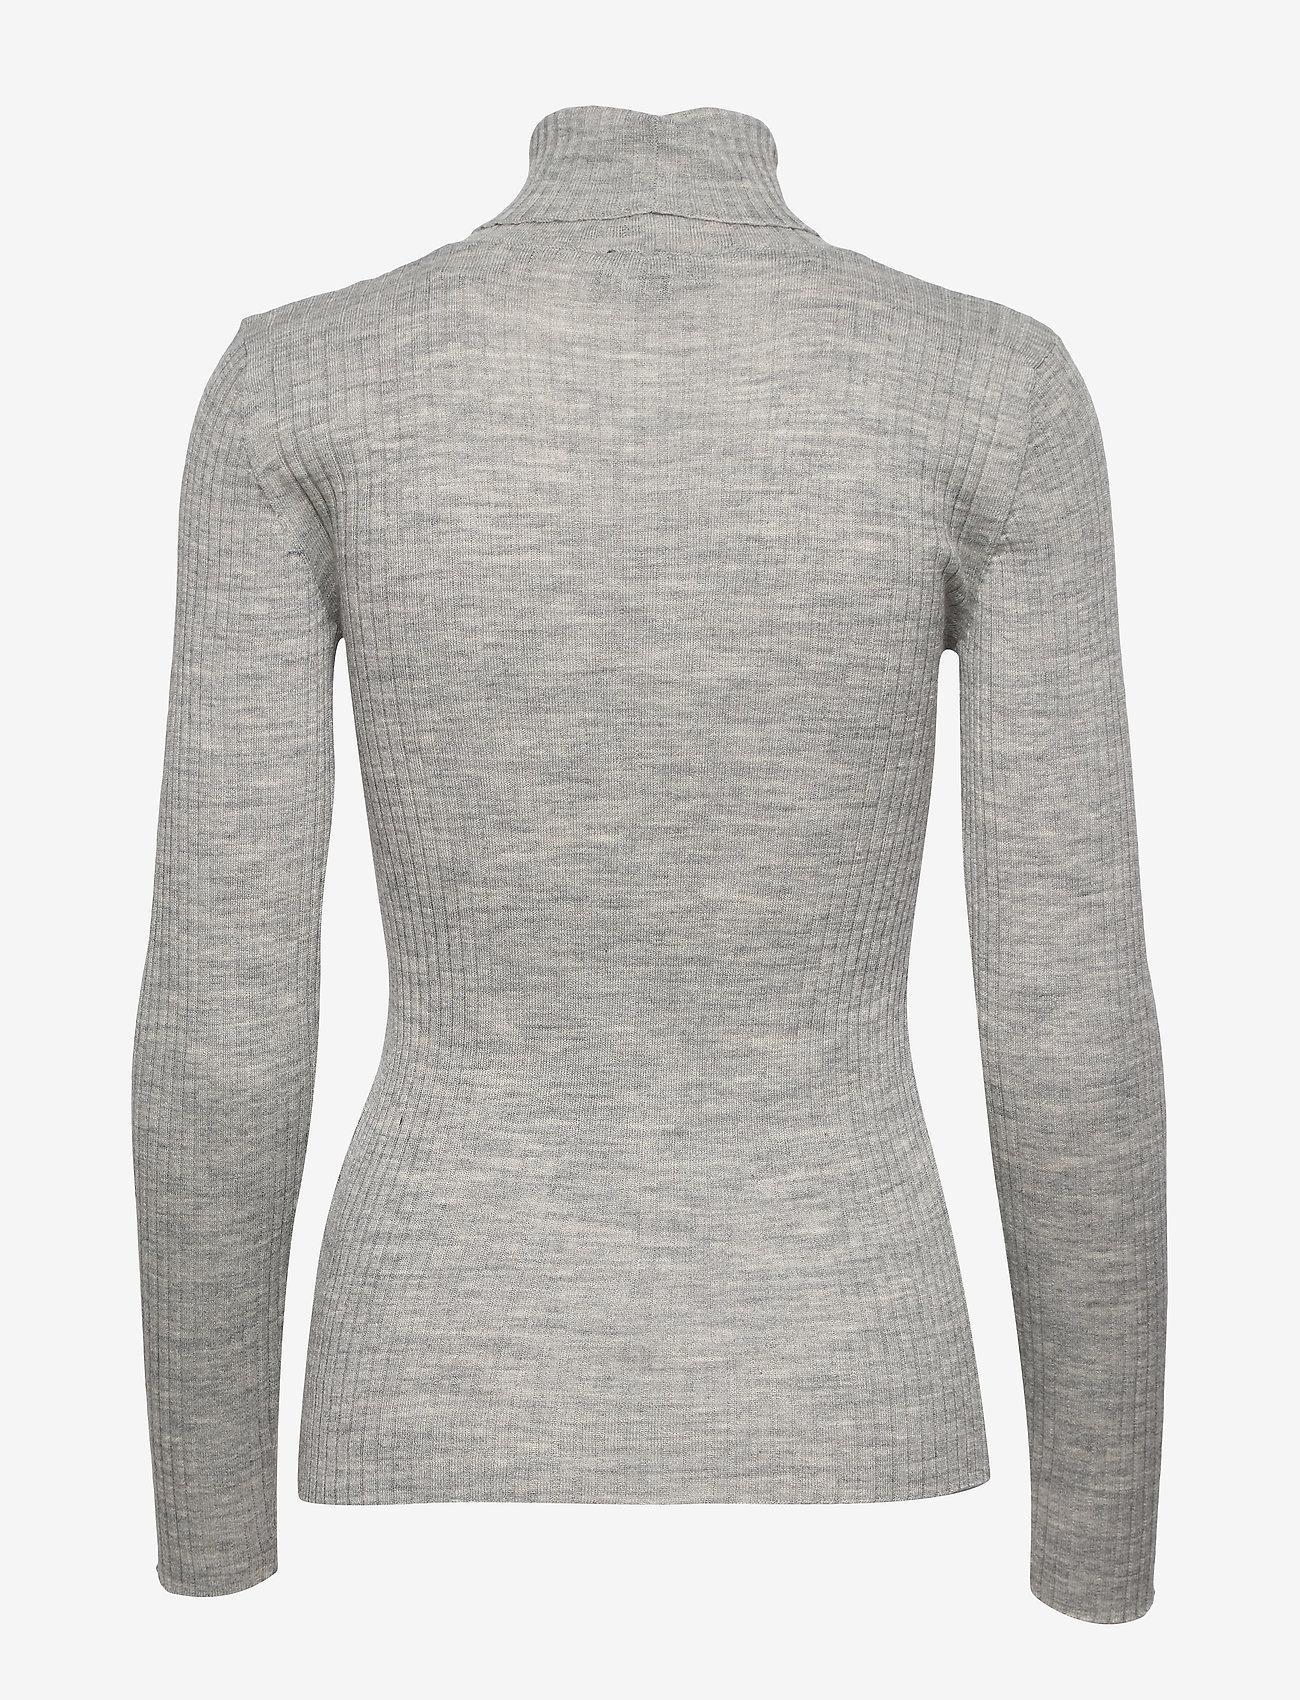 Selected Femme - SLFCOSTA LS KNIT RIB ROLLNECK NOOS B - turtlenecks - light grey melange - 1